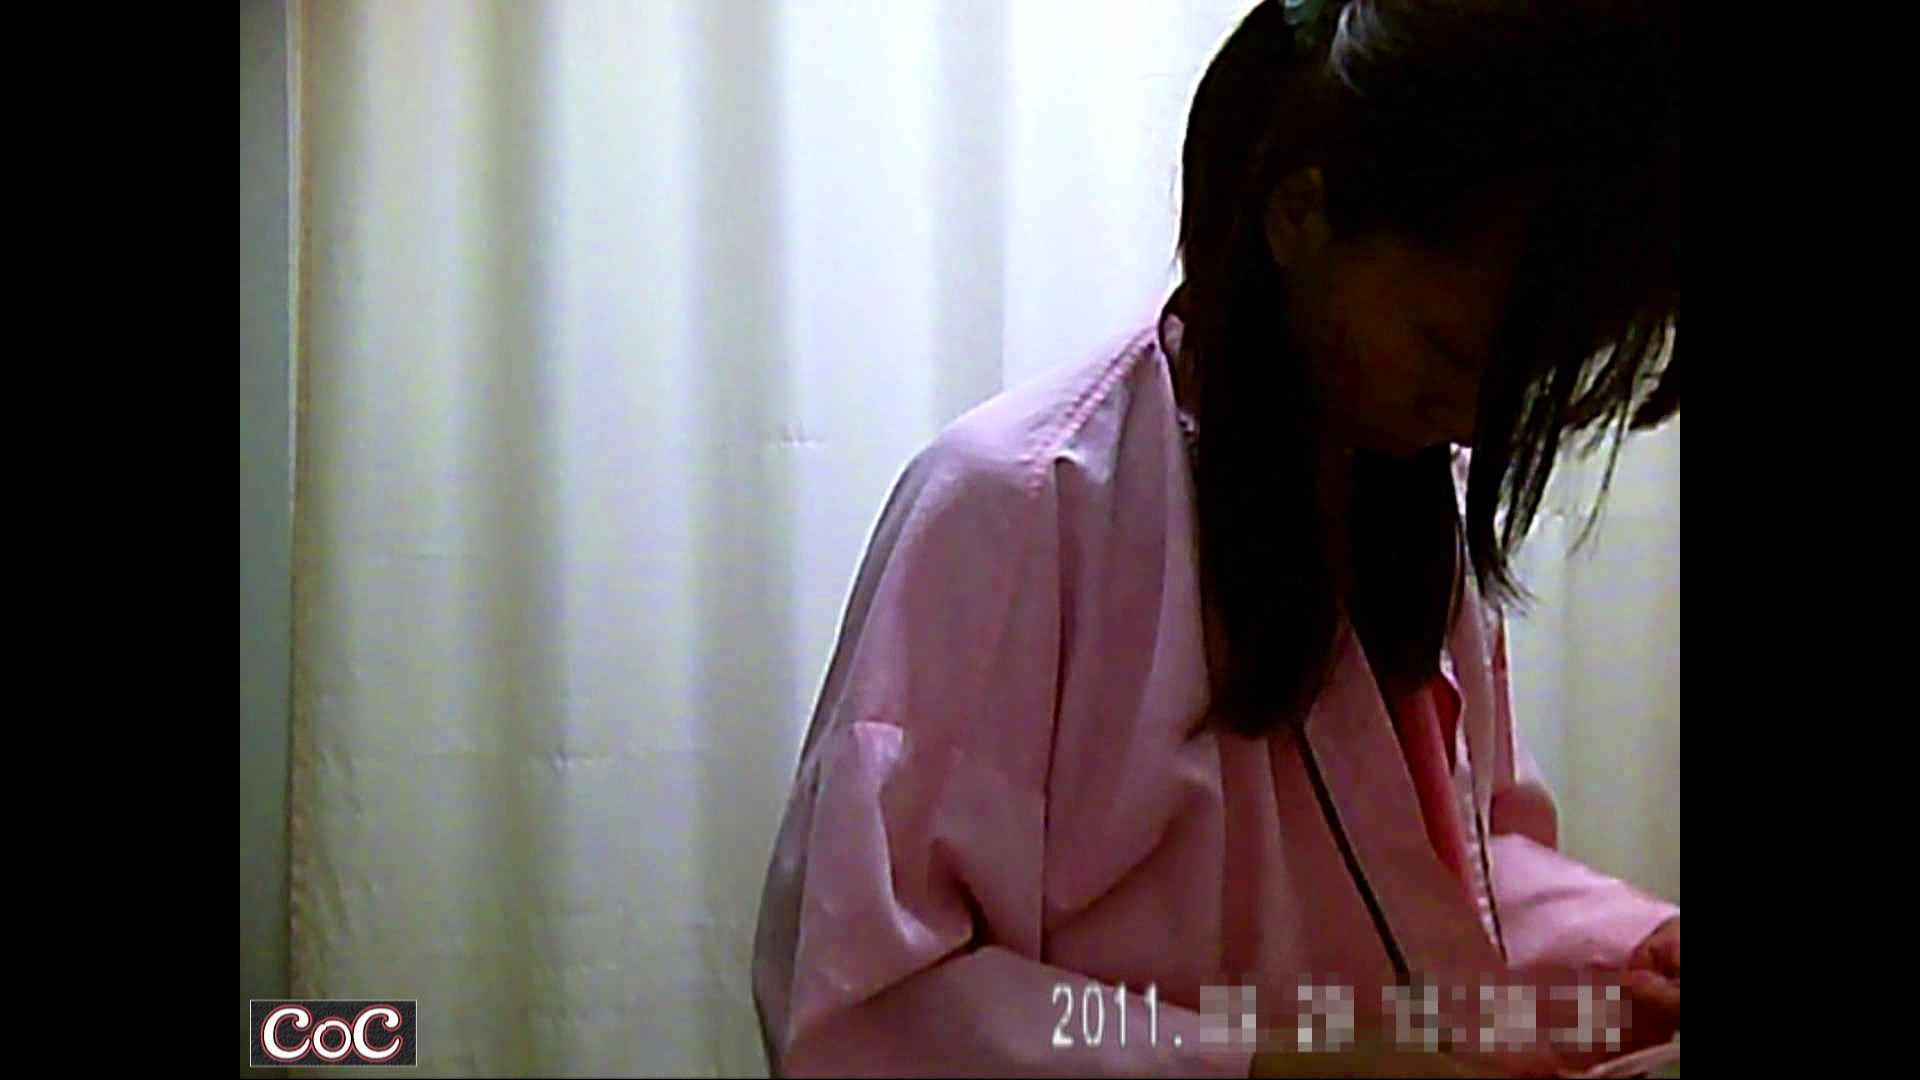 病院おもいっきり着替え! vol.46 乳首 盗撮われめAV動画紹介 99pic 4